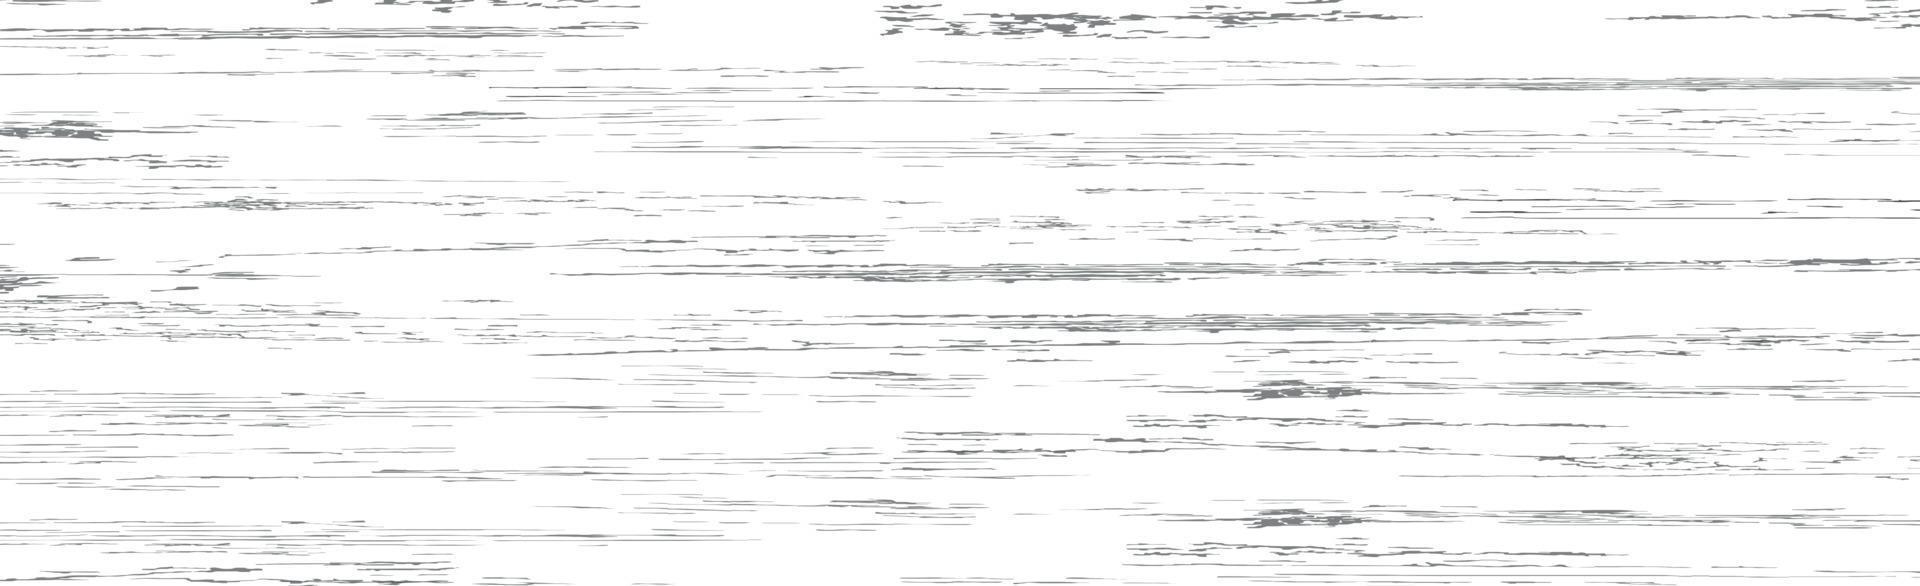 panorama textur av ljust trä med knop - vektor